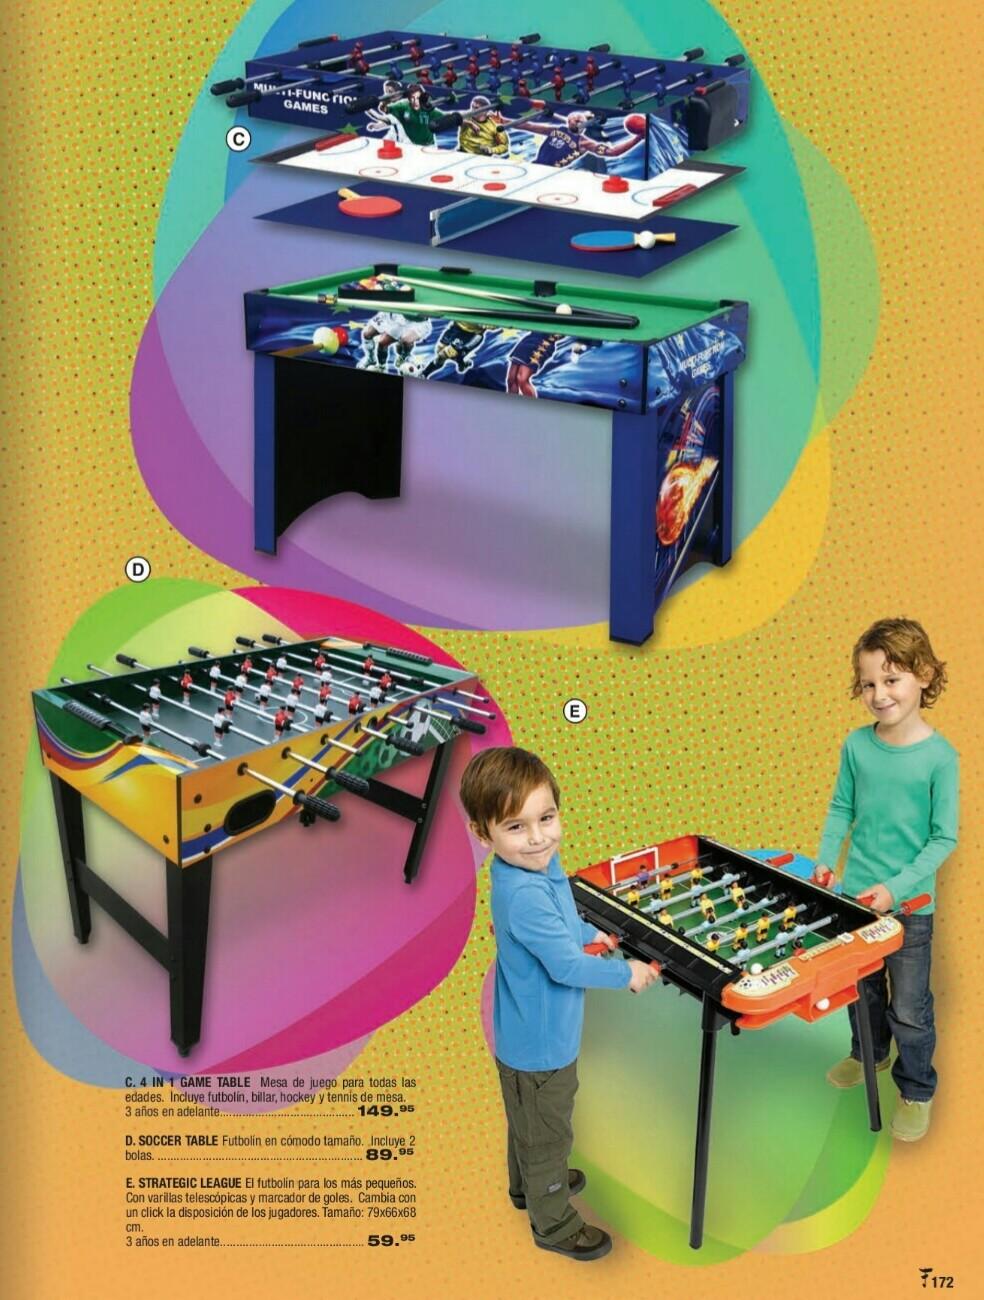 Catalogo juguetes Felix B Maduro 2018 p172